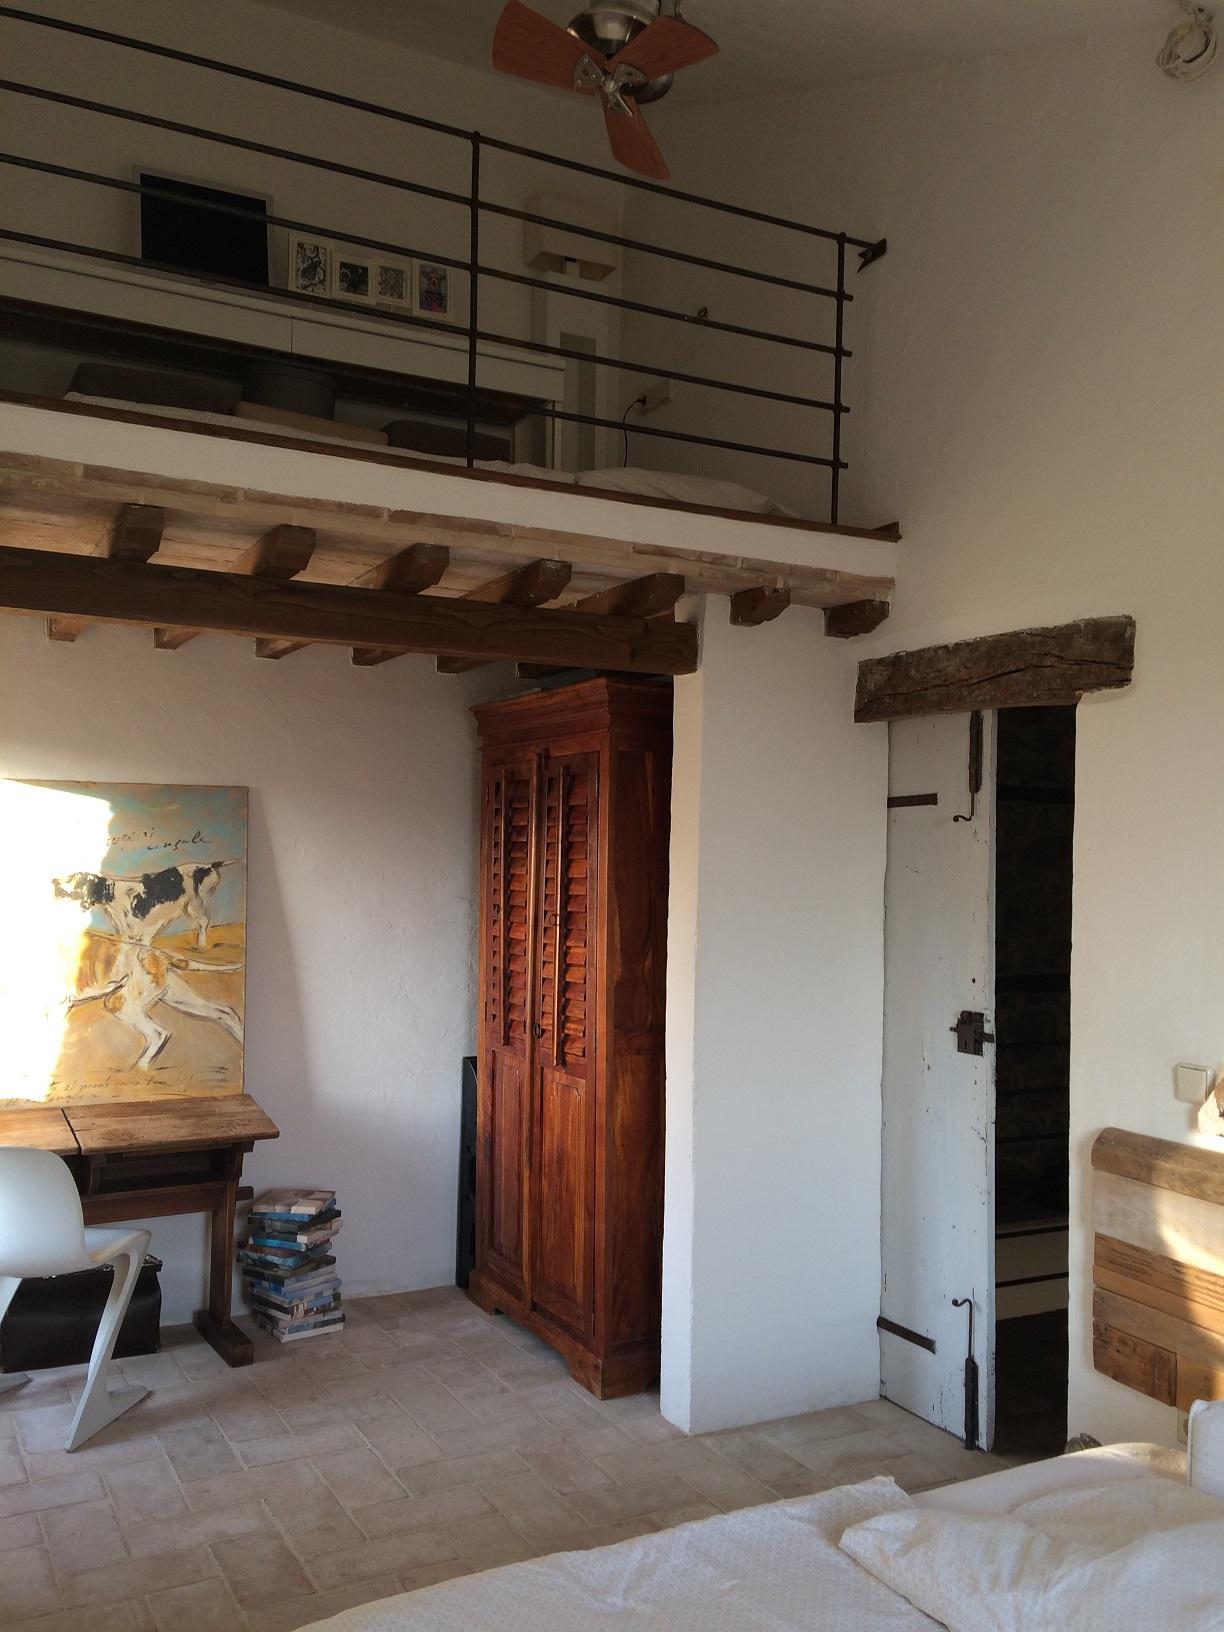 Schl afzimmer 2 mit Hochebene_Apartment Emilia